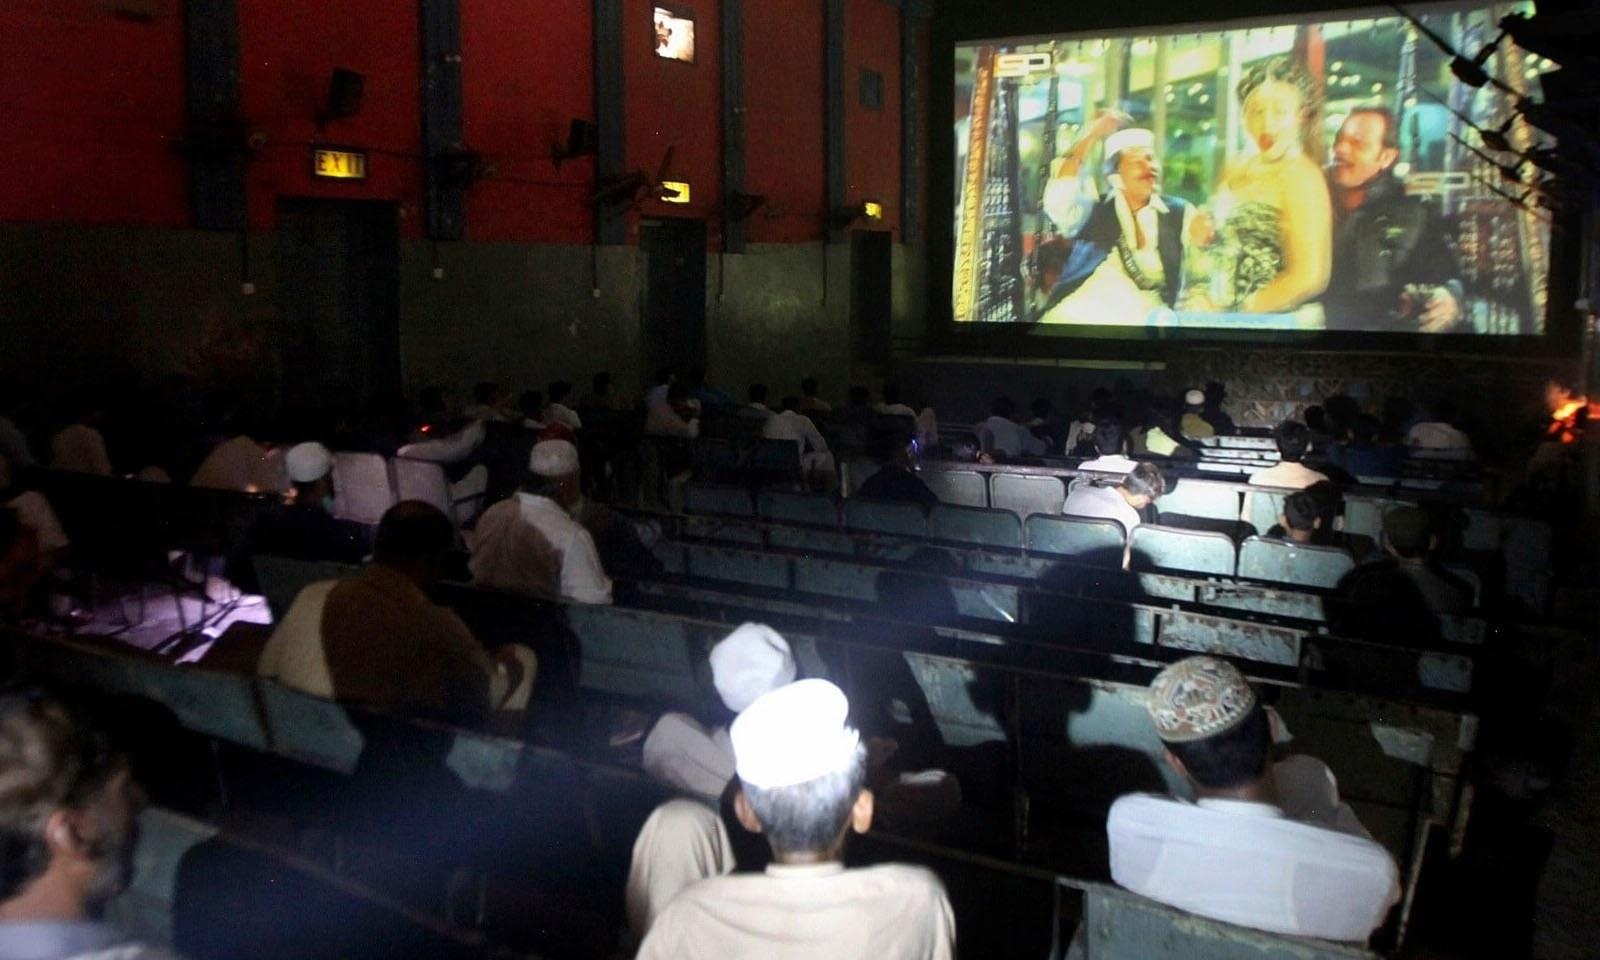 پشاور کے سنیما گھر میں شہری فلم دیکھ رہے ہیں—فوٹو: اے پی